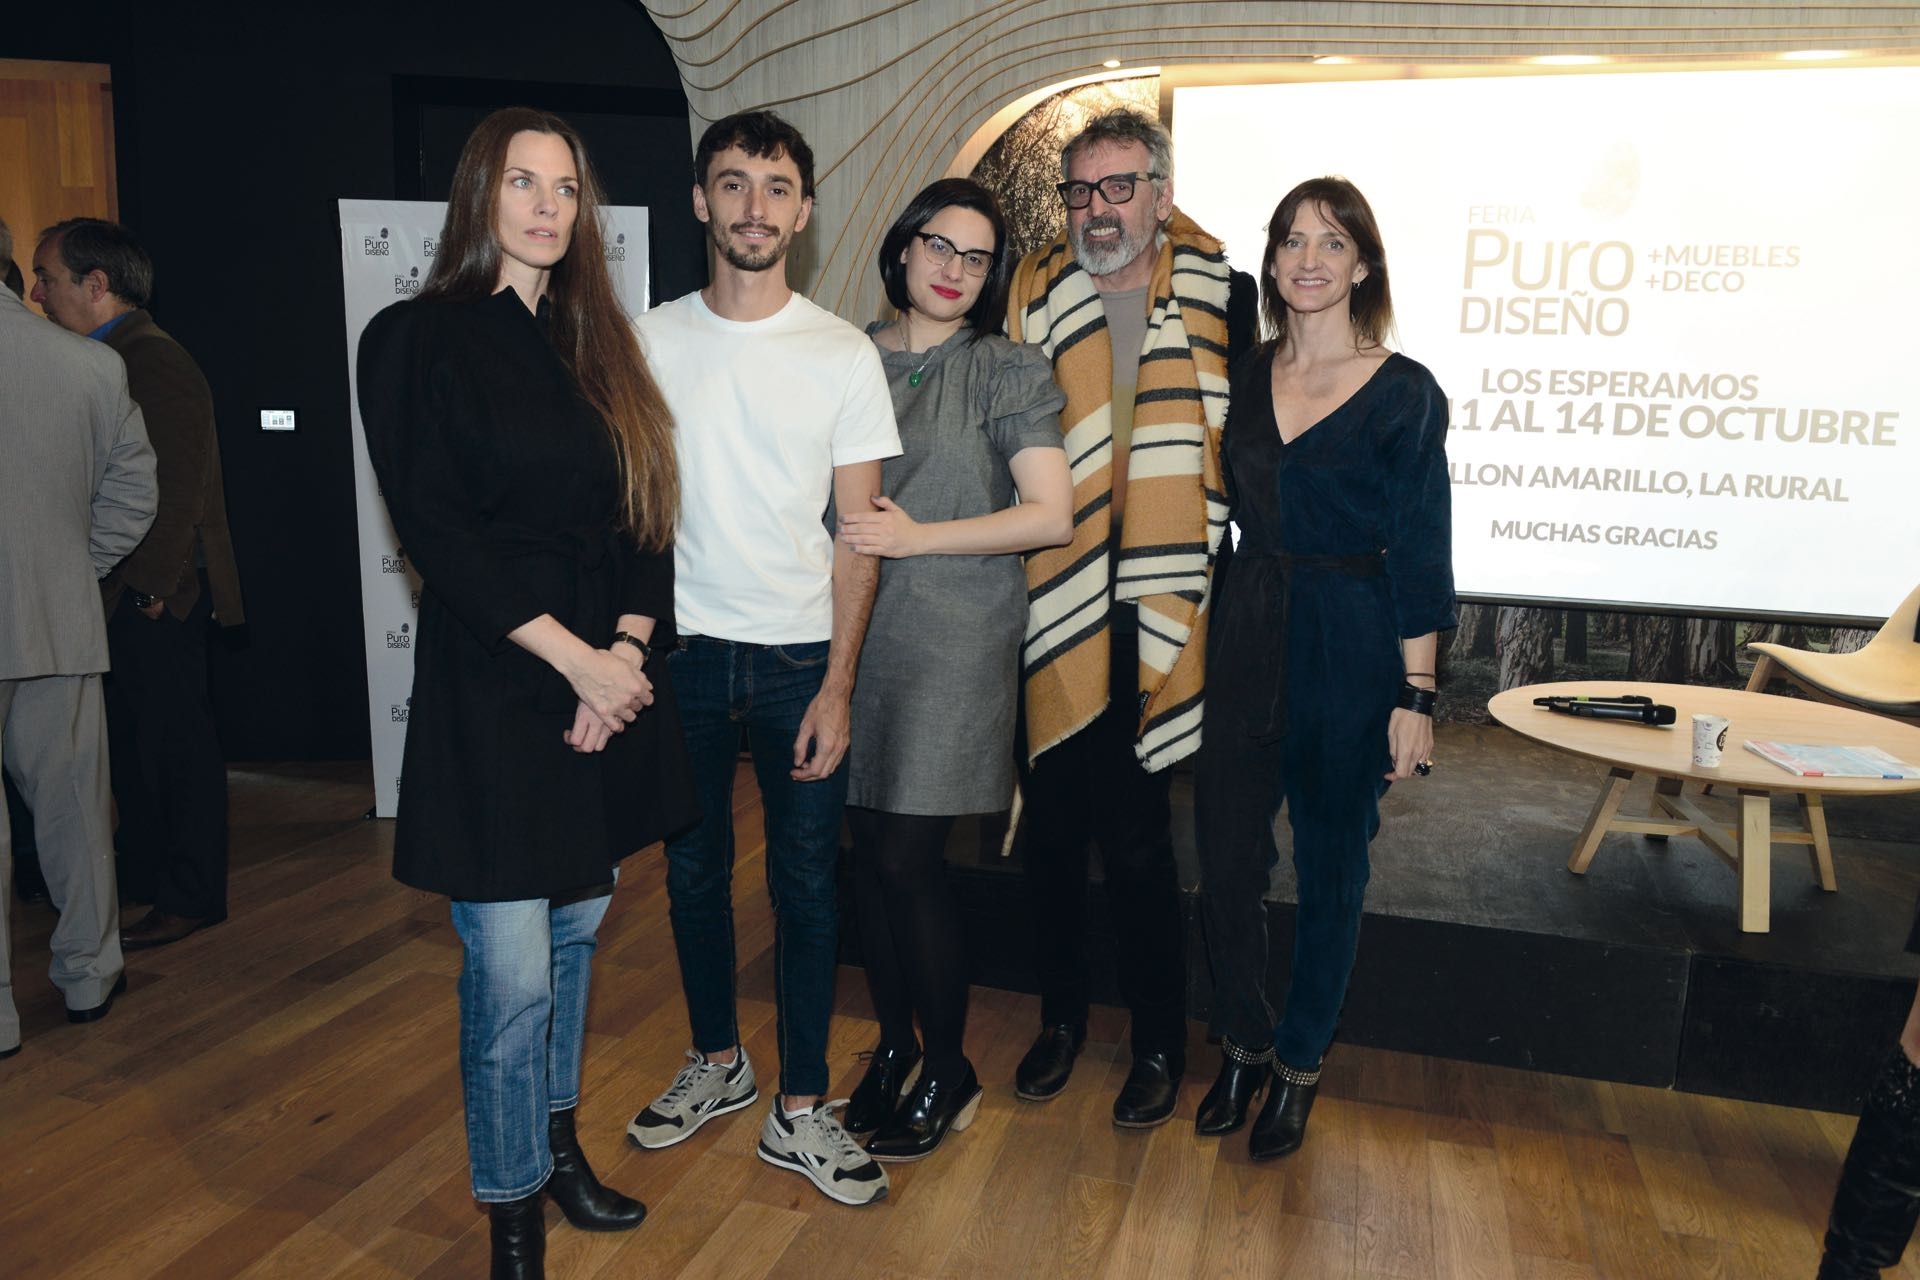 Team de curadores: Luisa Norbis, Marcelo Yarussi, Celeste Nasimbera, Benito Fernández y Marcela Molinari.